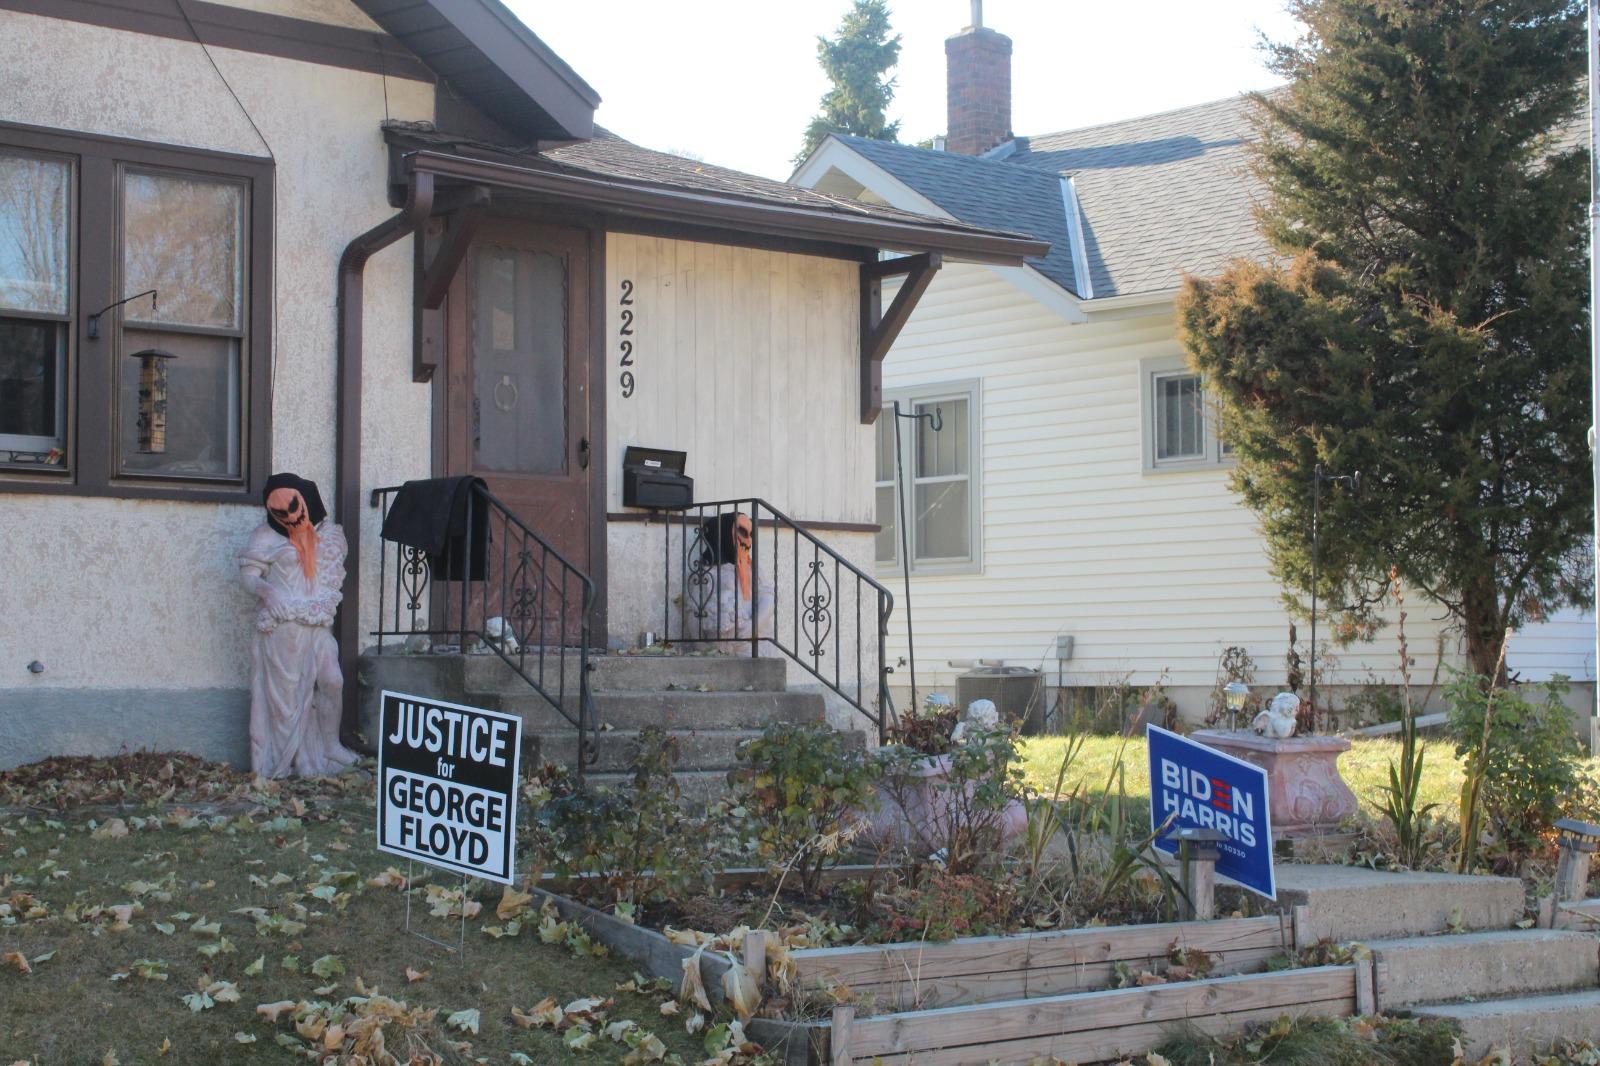 En South Minneapolis, estos carteles se exhiben en muchas casas. Los monigotes de Halloween  aún están frente a algunos portales. Foto: Felipe Herrera Aguirre.